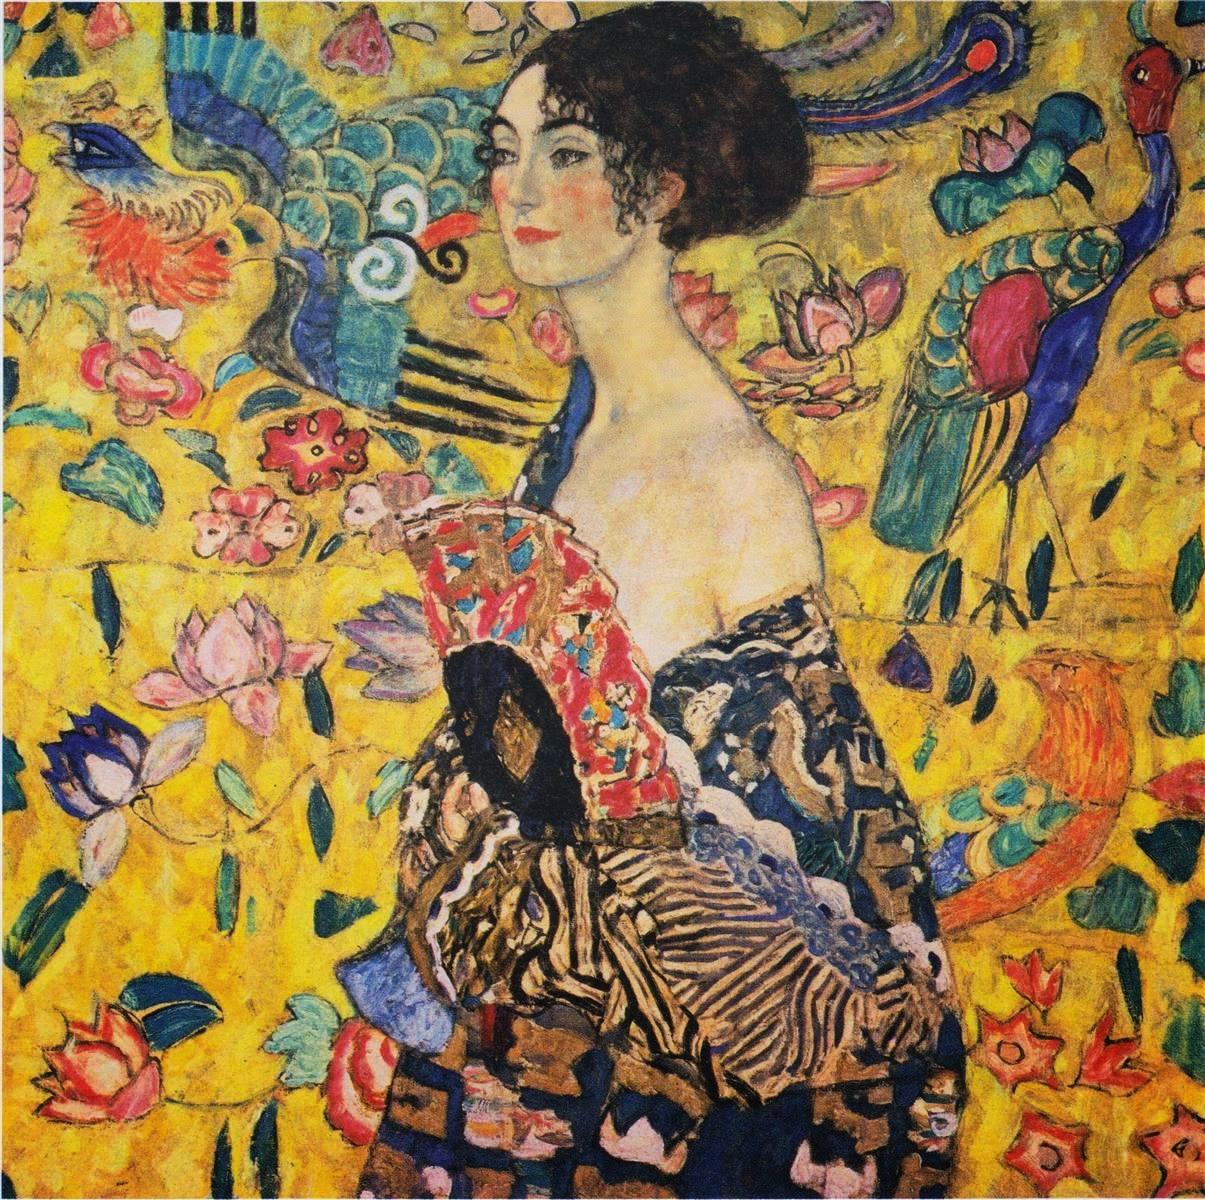 1918-gustav-klimt-lady-with-fan